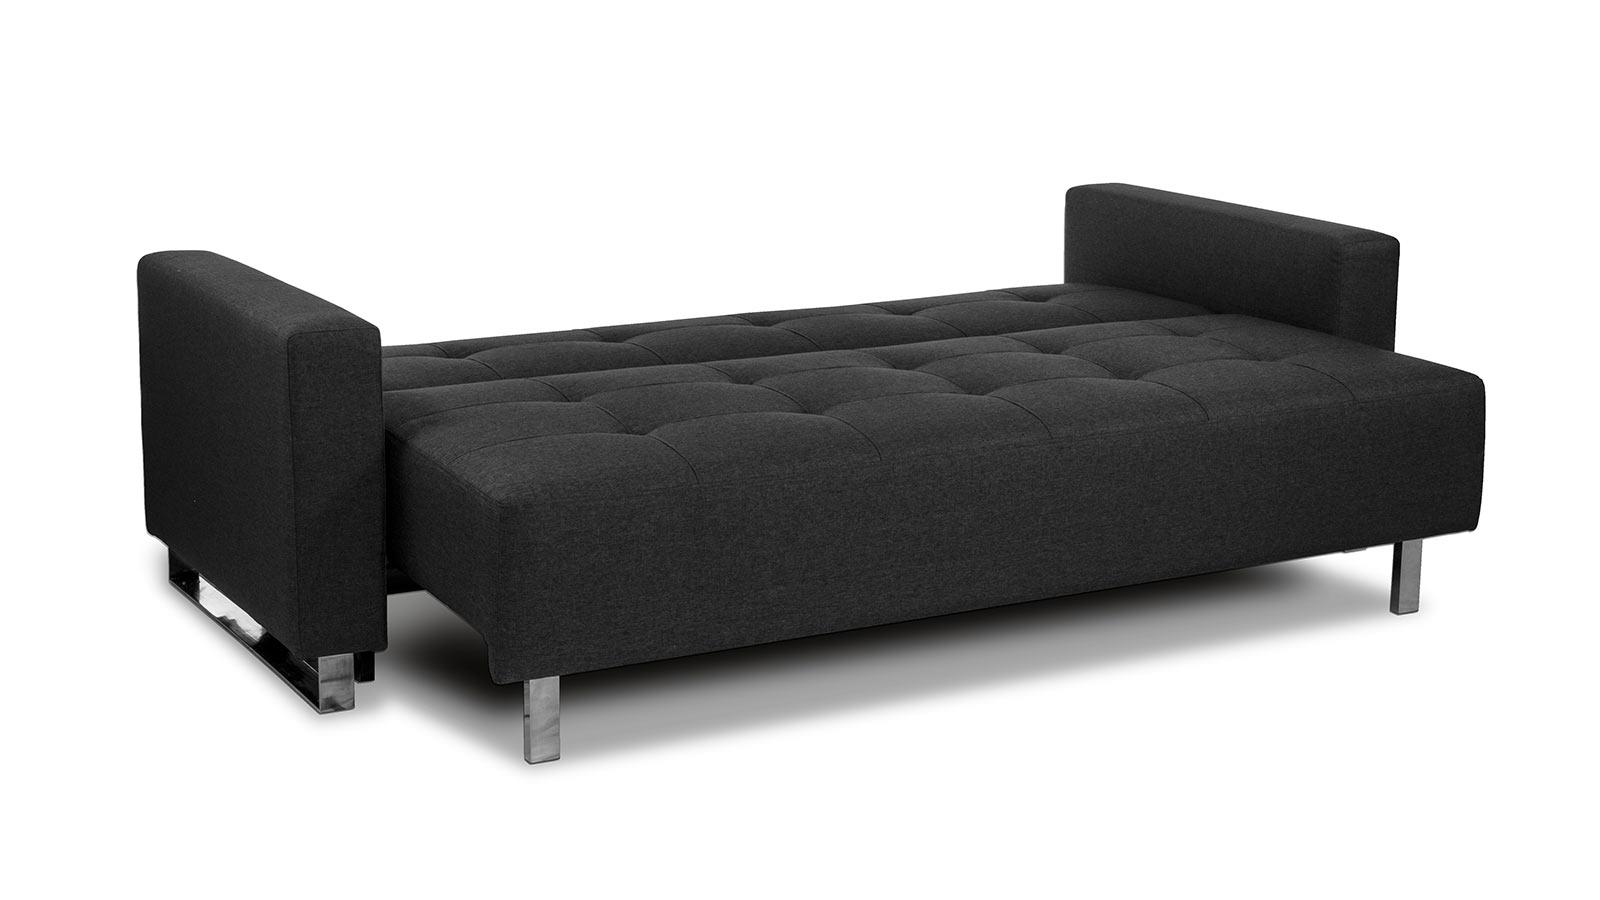 loft charcoal sofa bed coolsofa com reviews convertible  thesofa